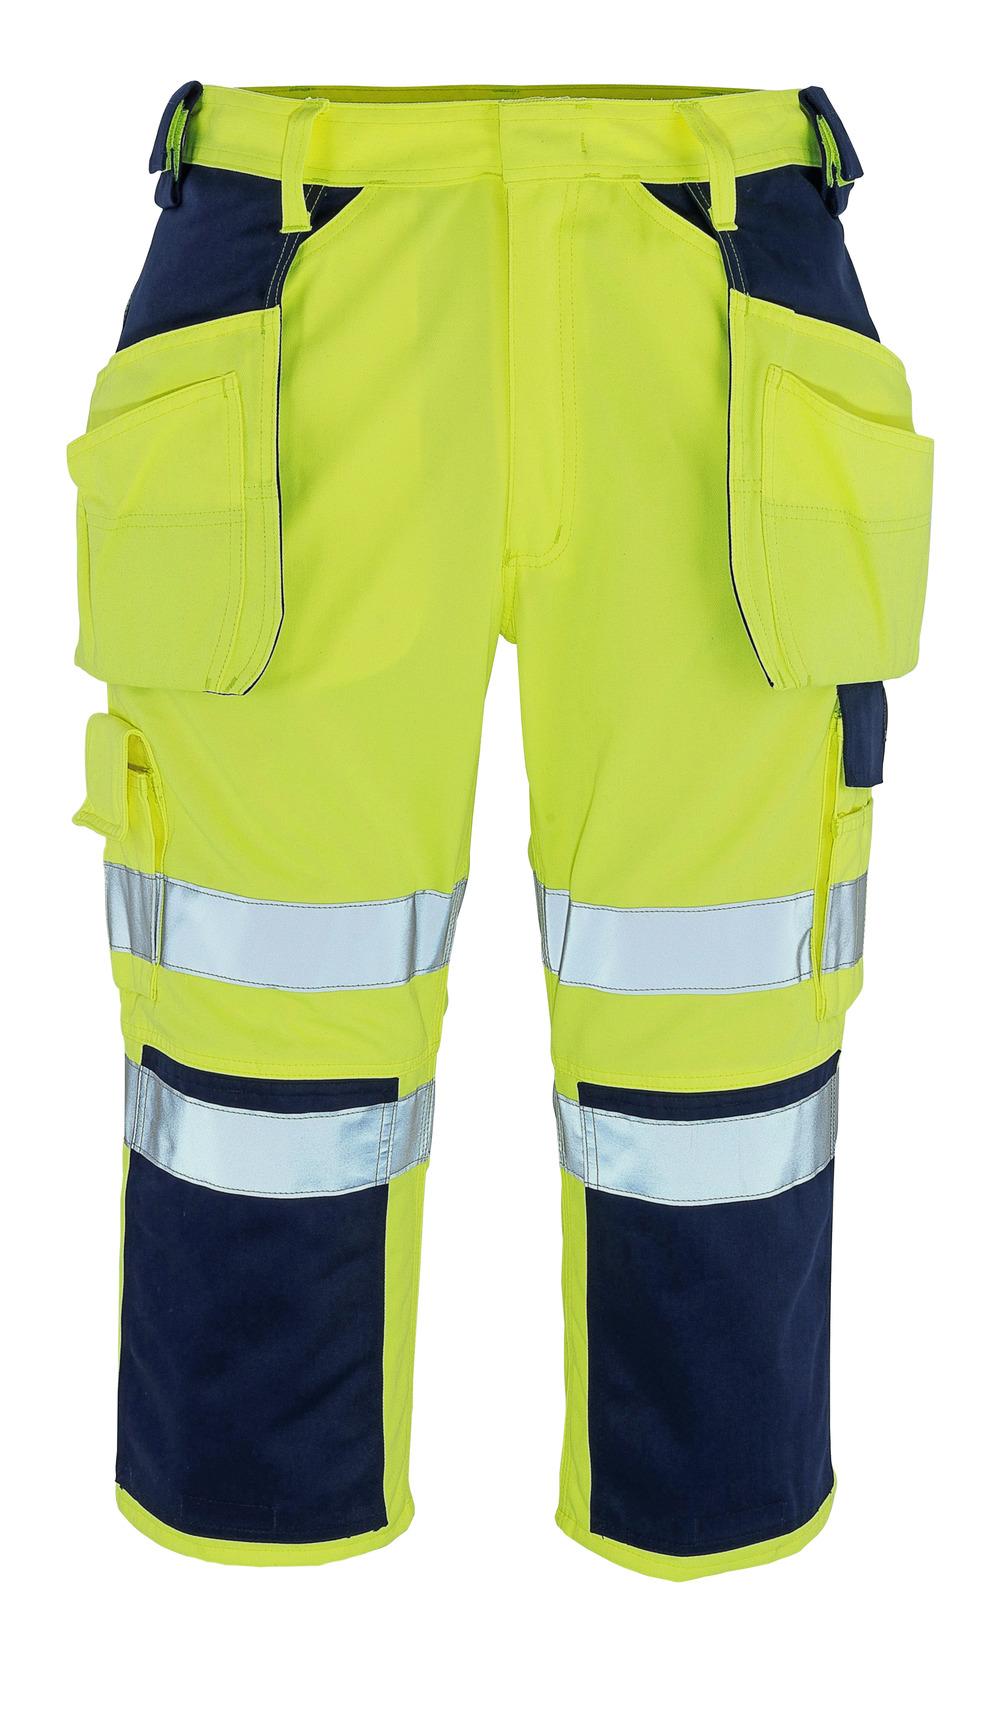 09149-470-171 Driekwart broek met knie- en spijkerzakken - hi-vis geel/marine